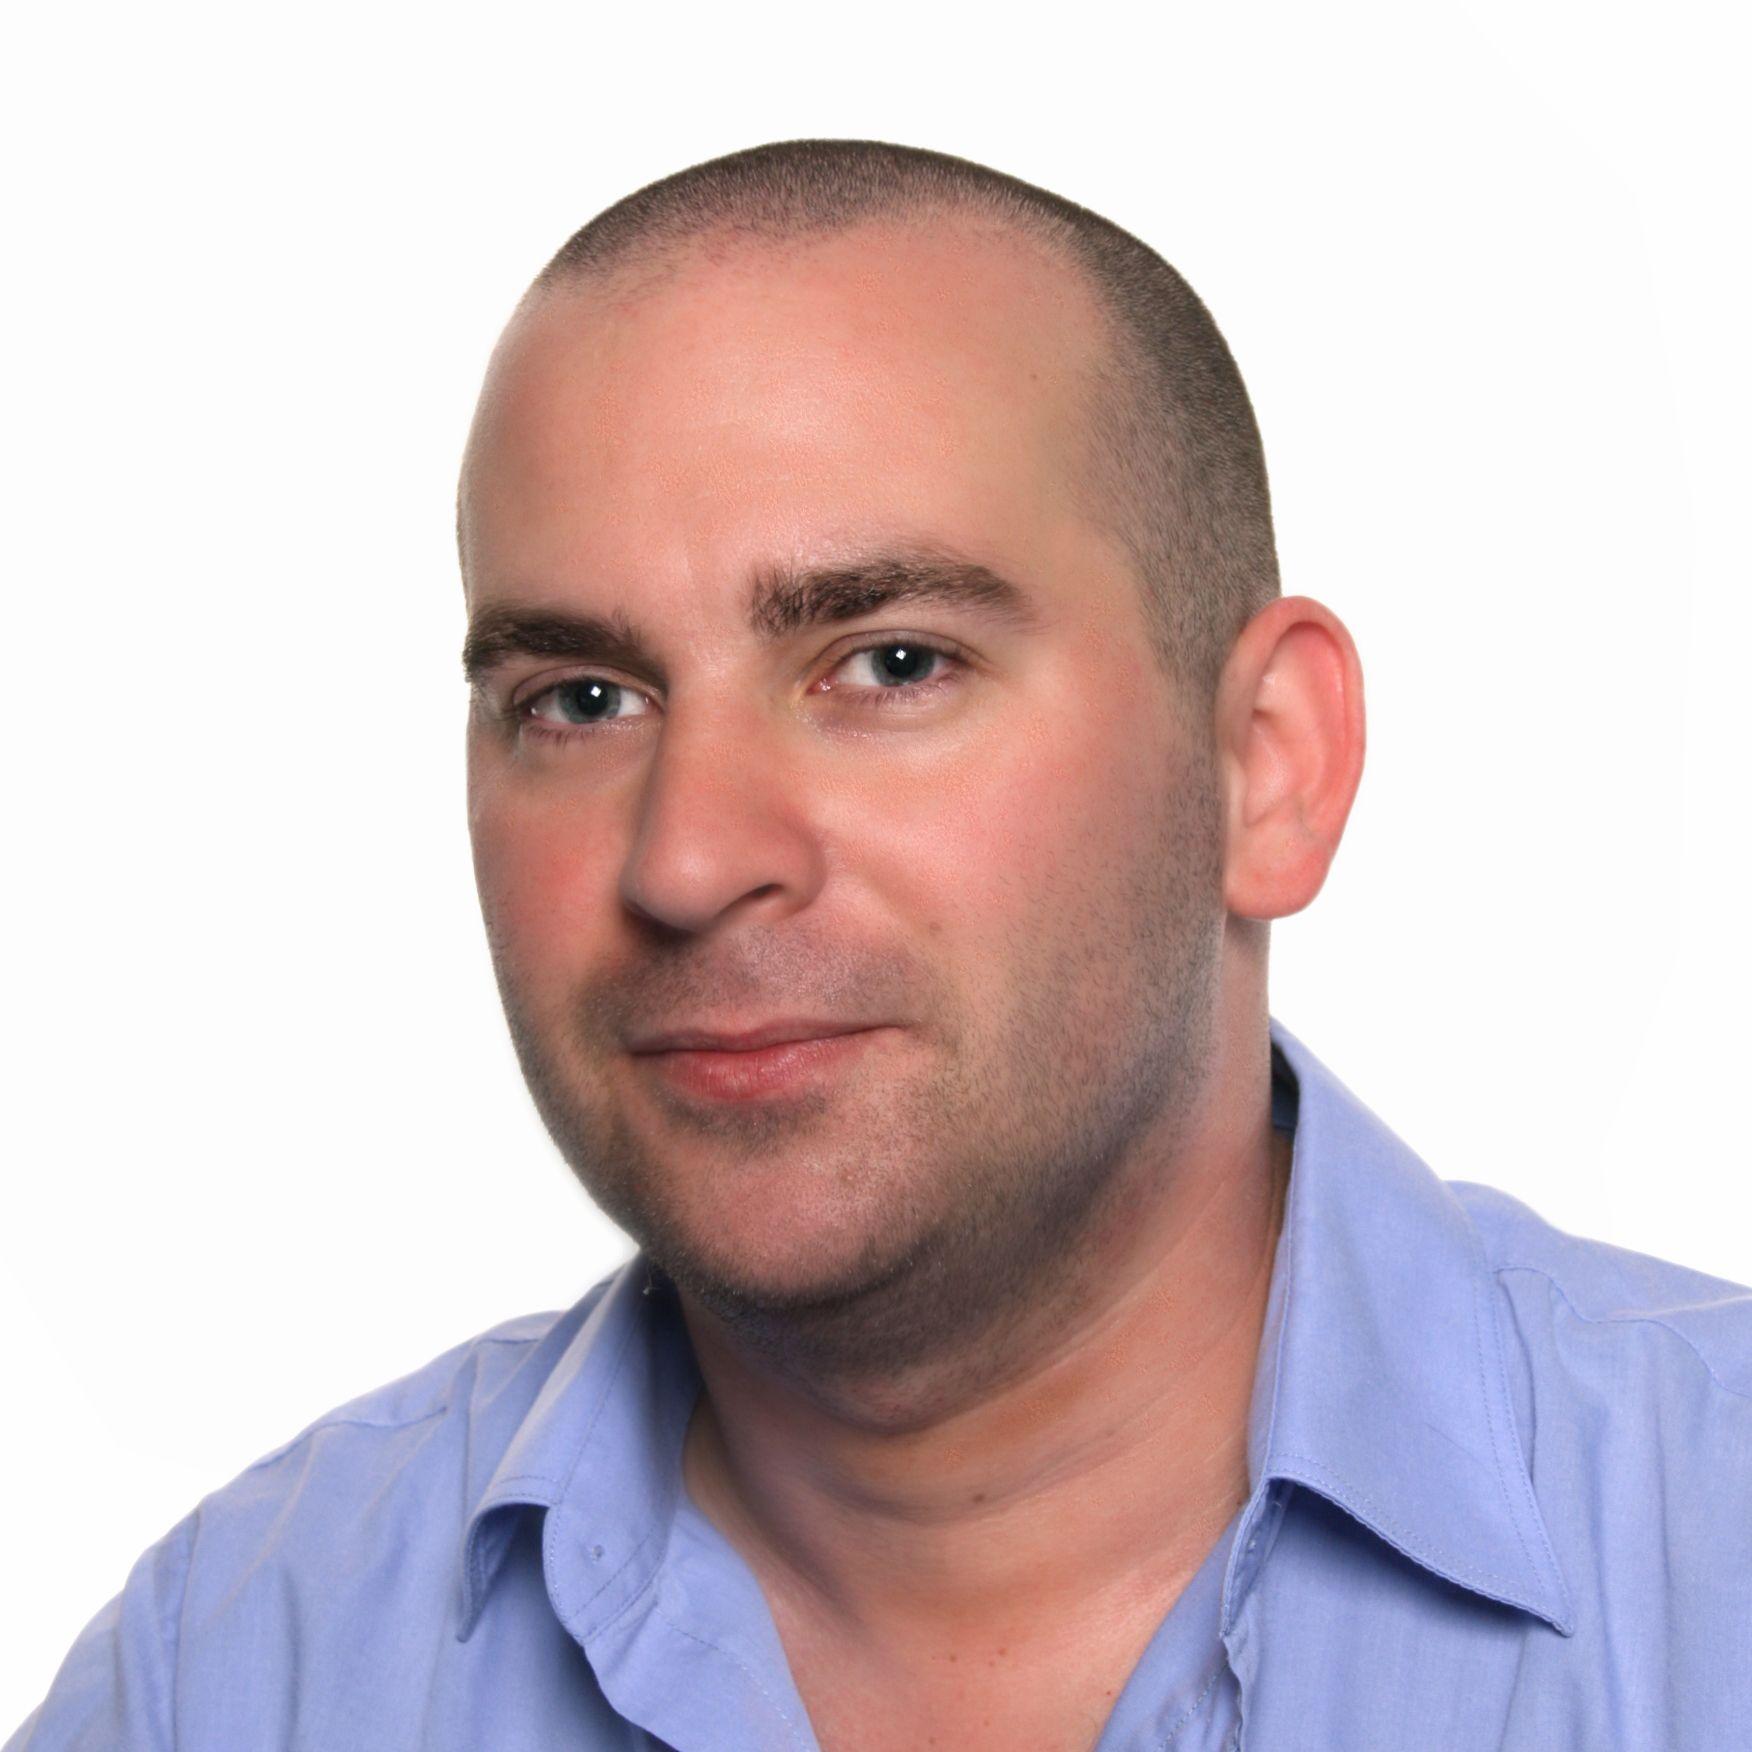 Craig Michael Traub